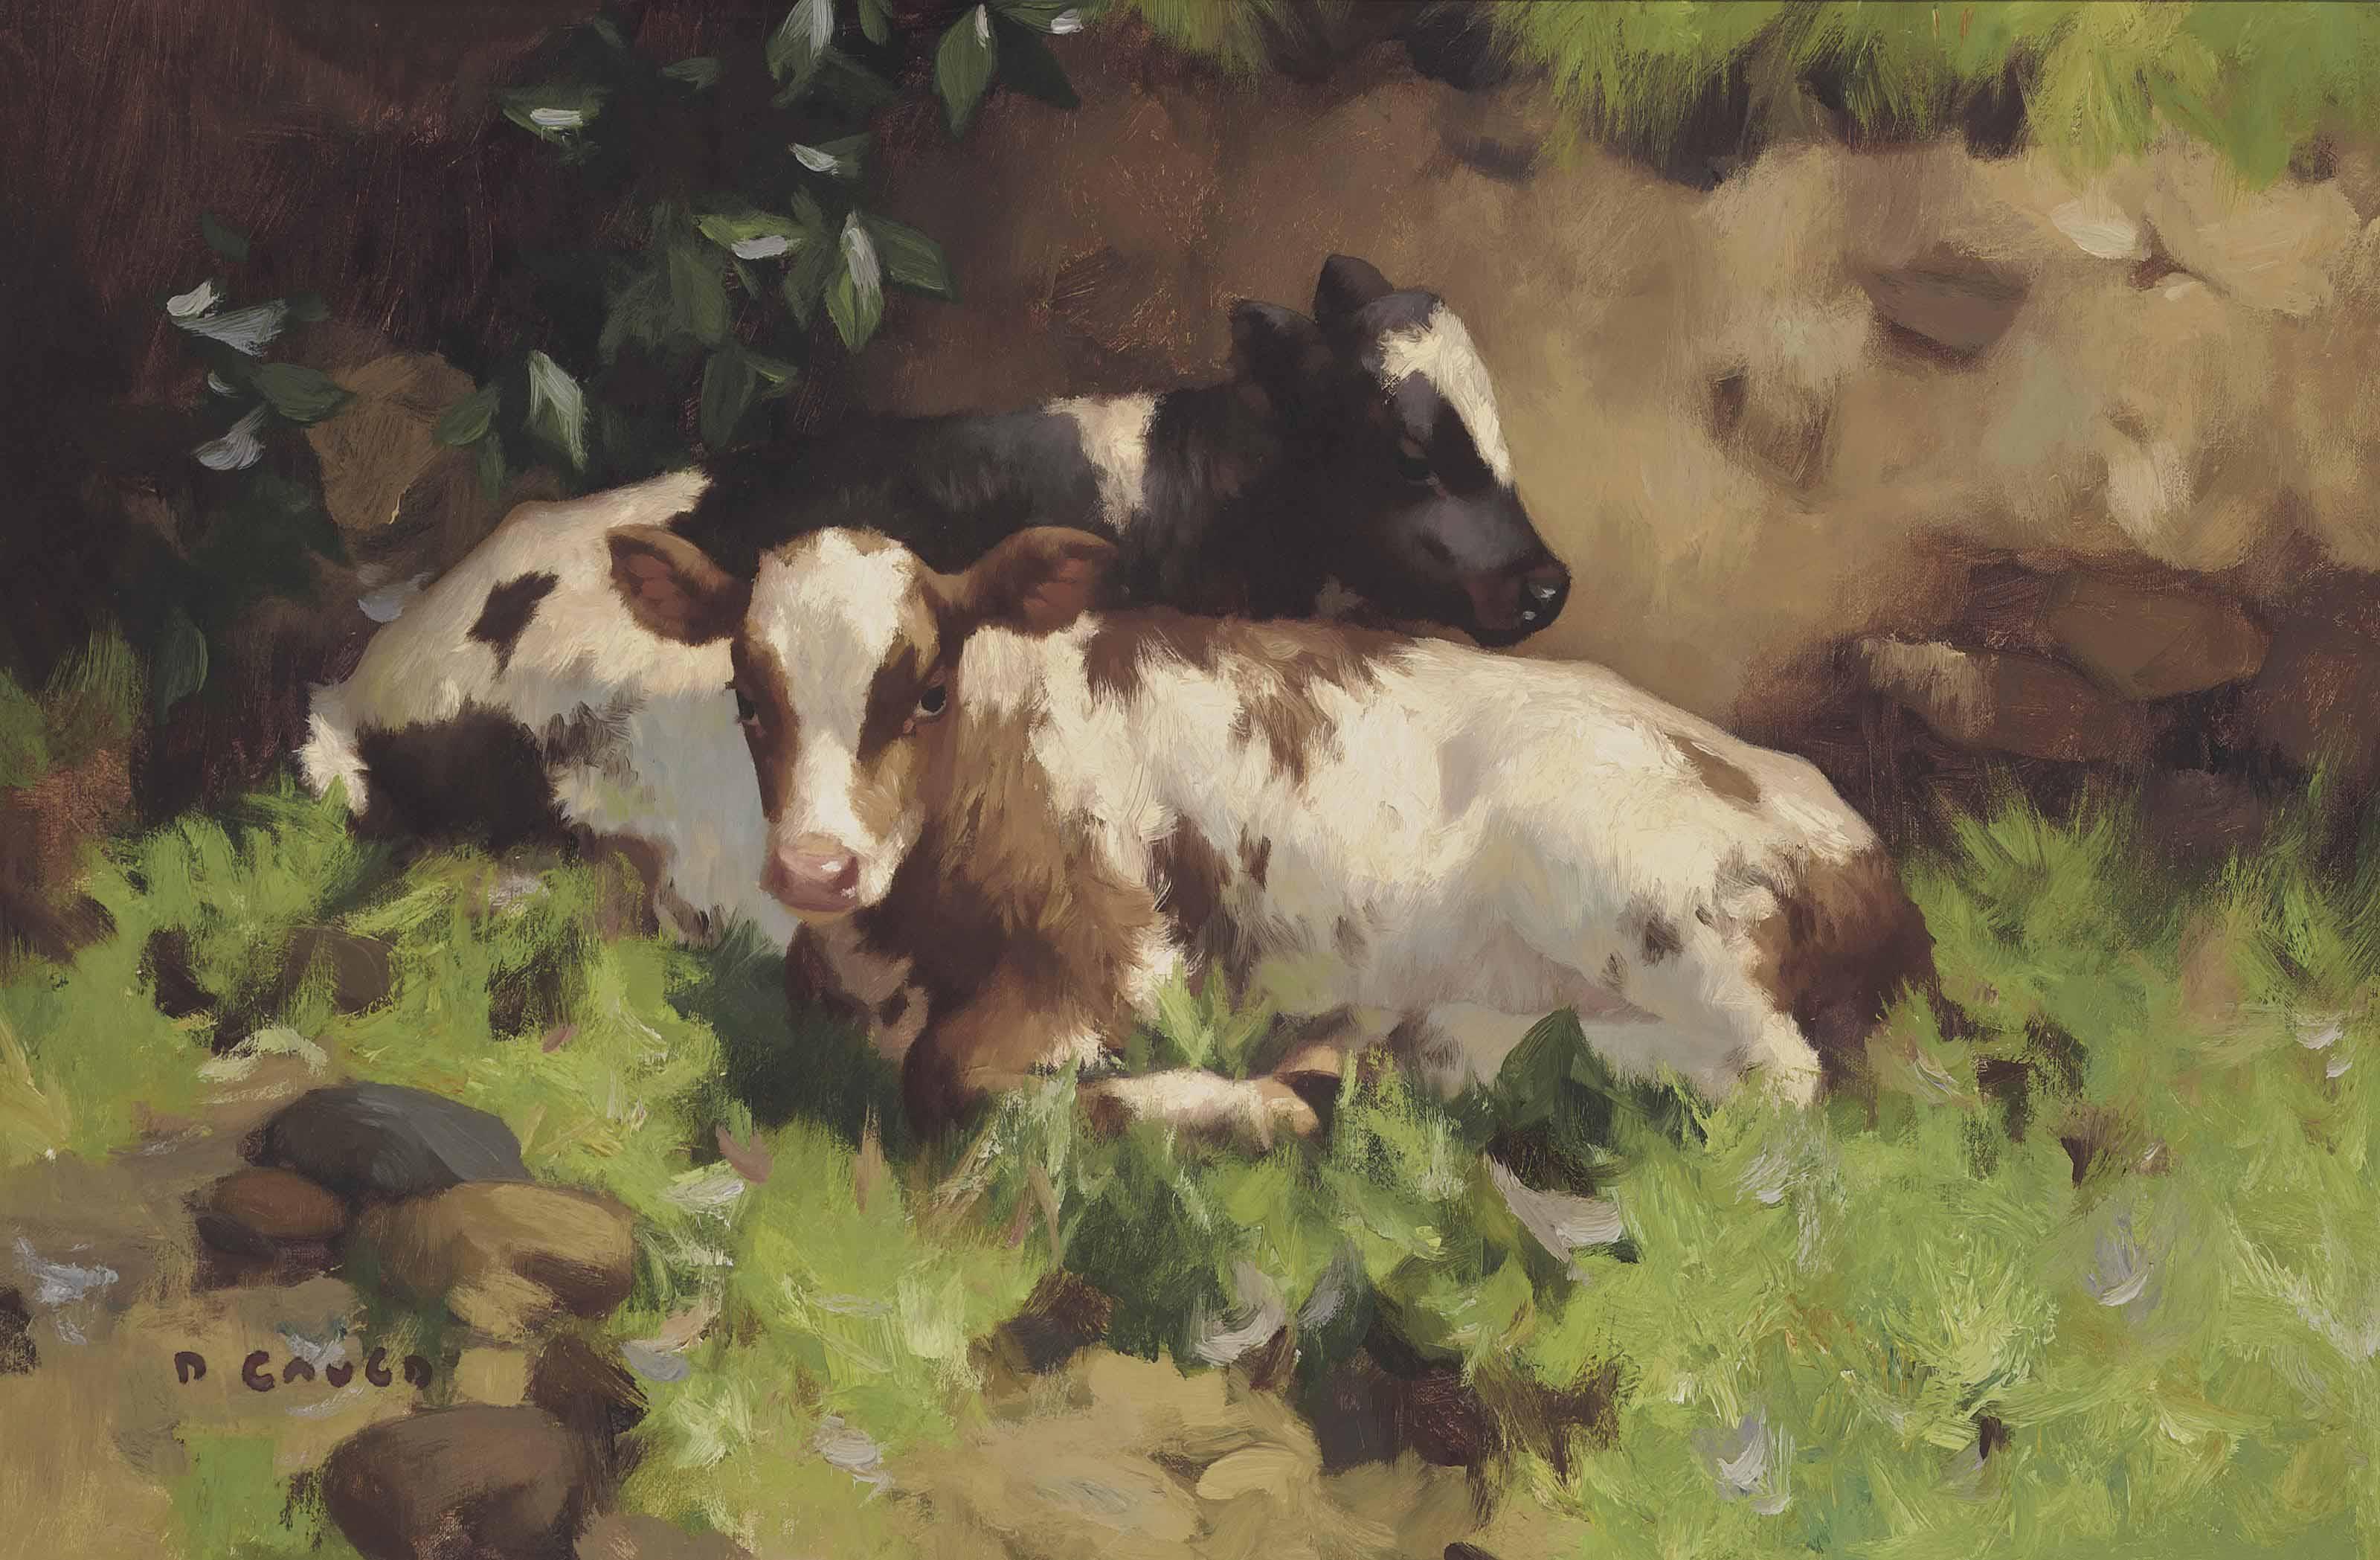 Ayrshire calves